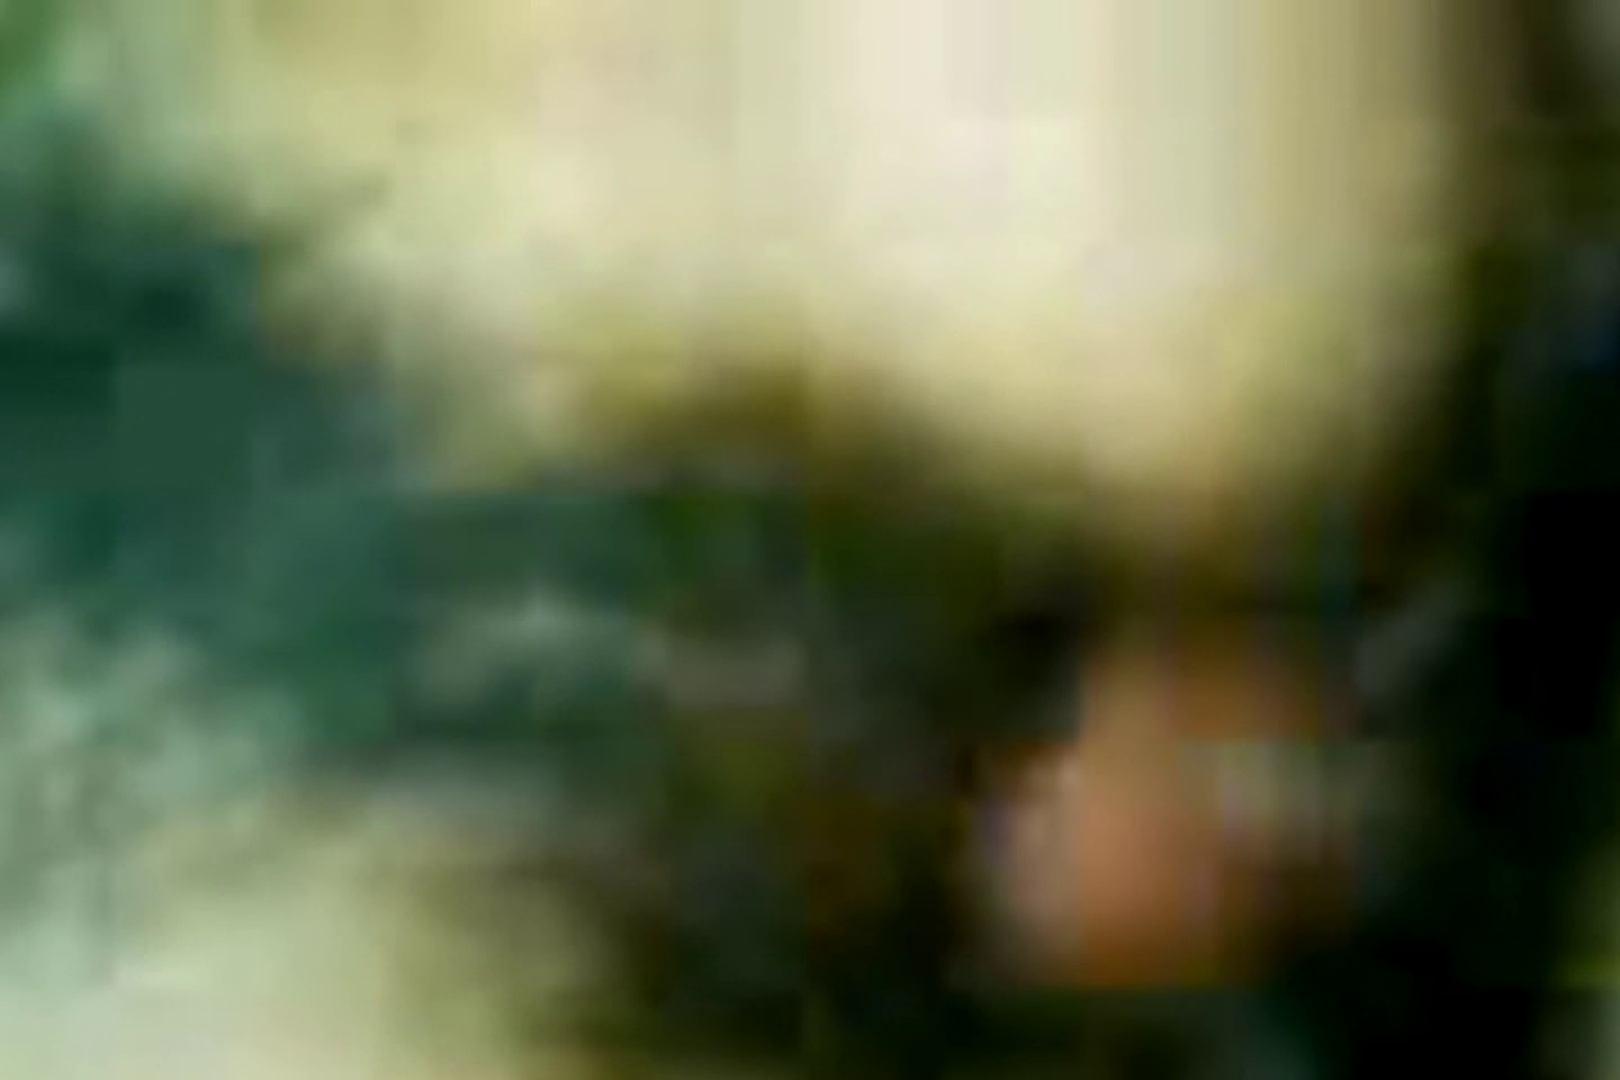 ウイルス流出 串田良祐と小学校教諭のハメ撮りアルバム 流出作品  74pic 44